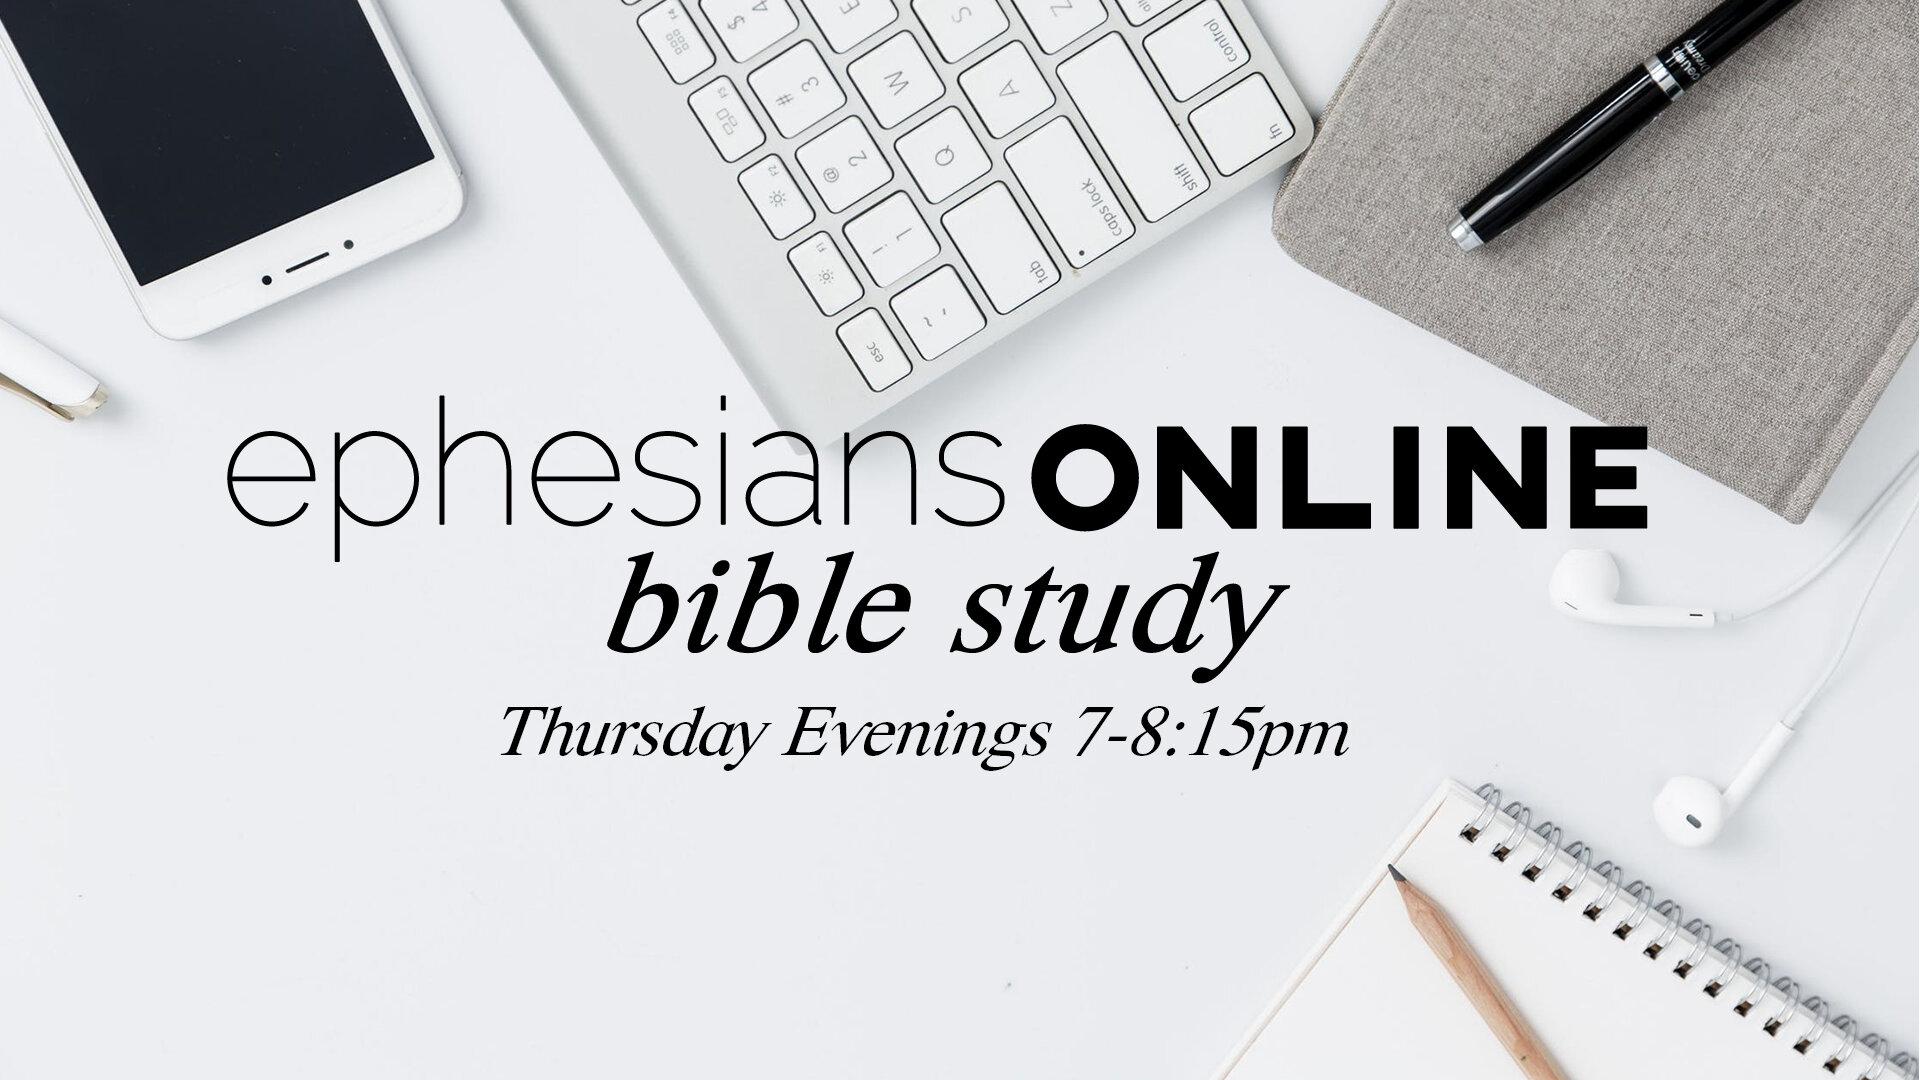 Ephesians Online Bible Study - Editable.jpg